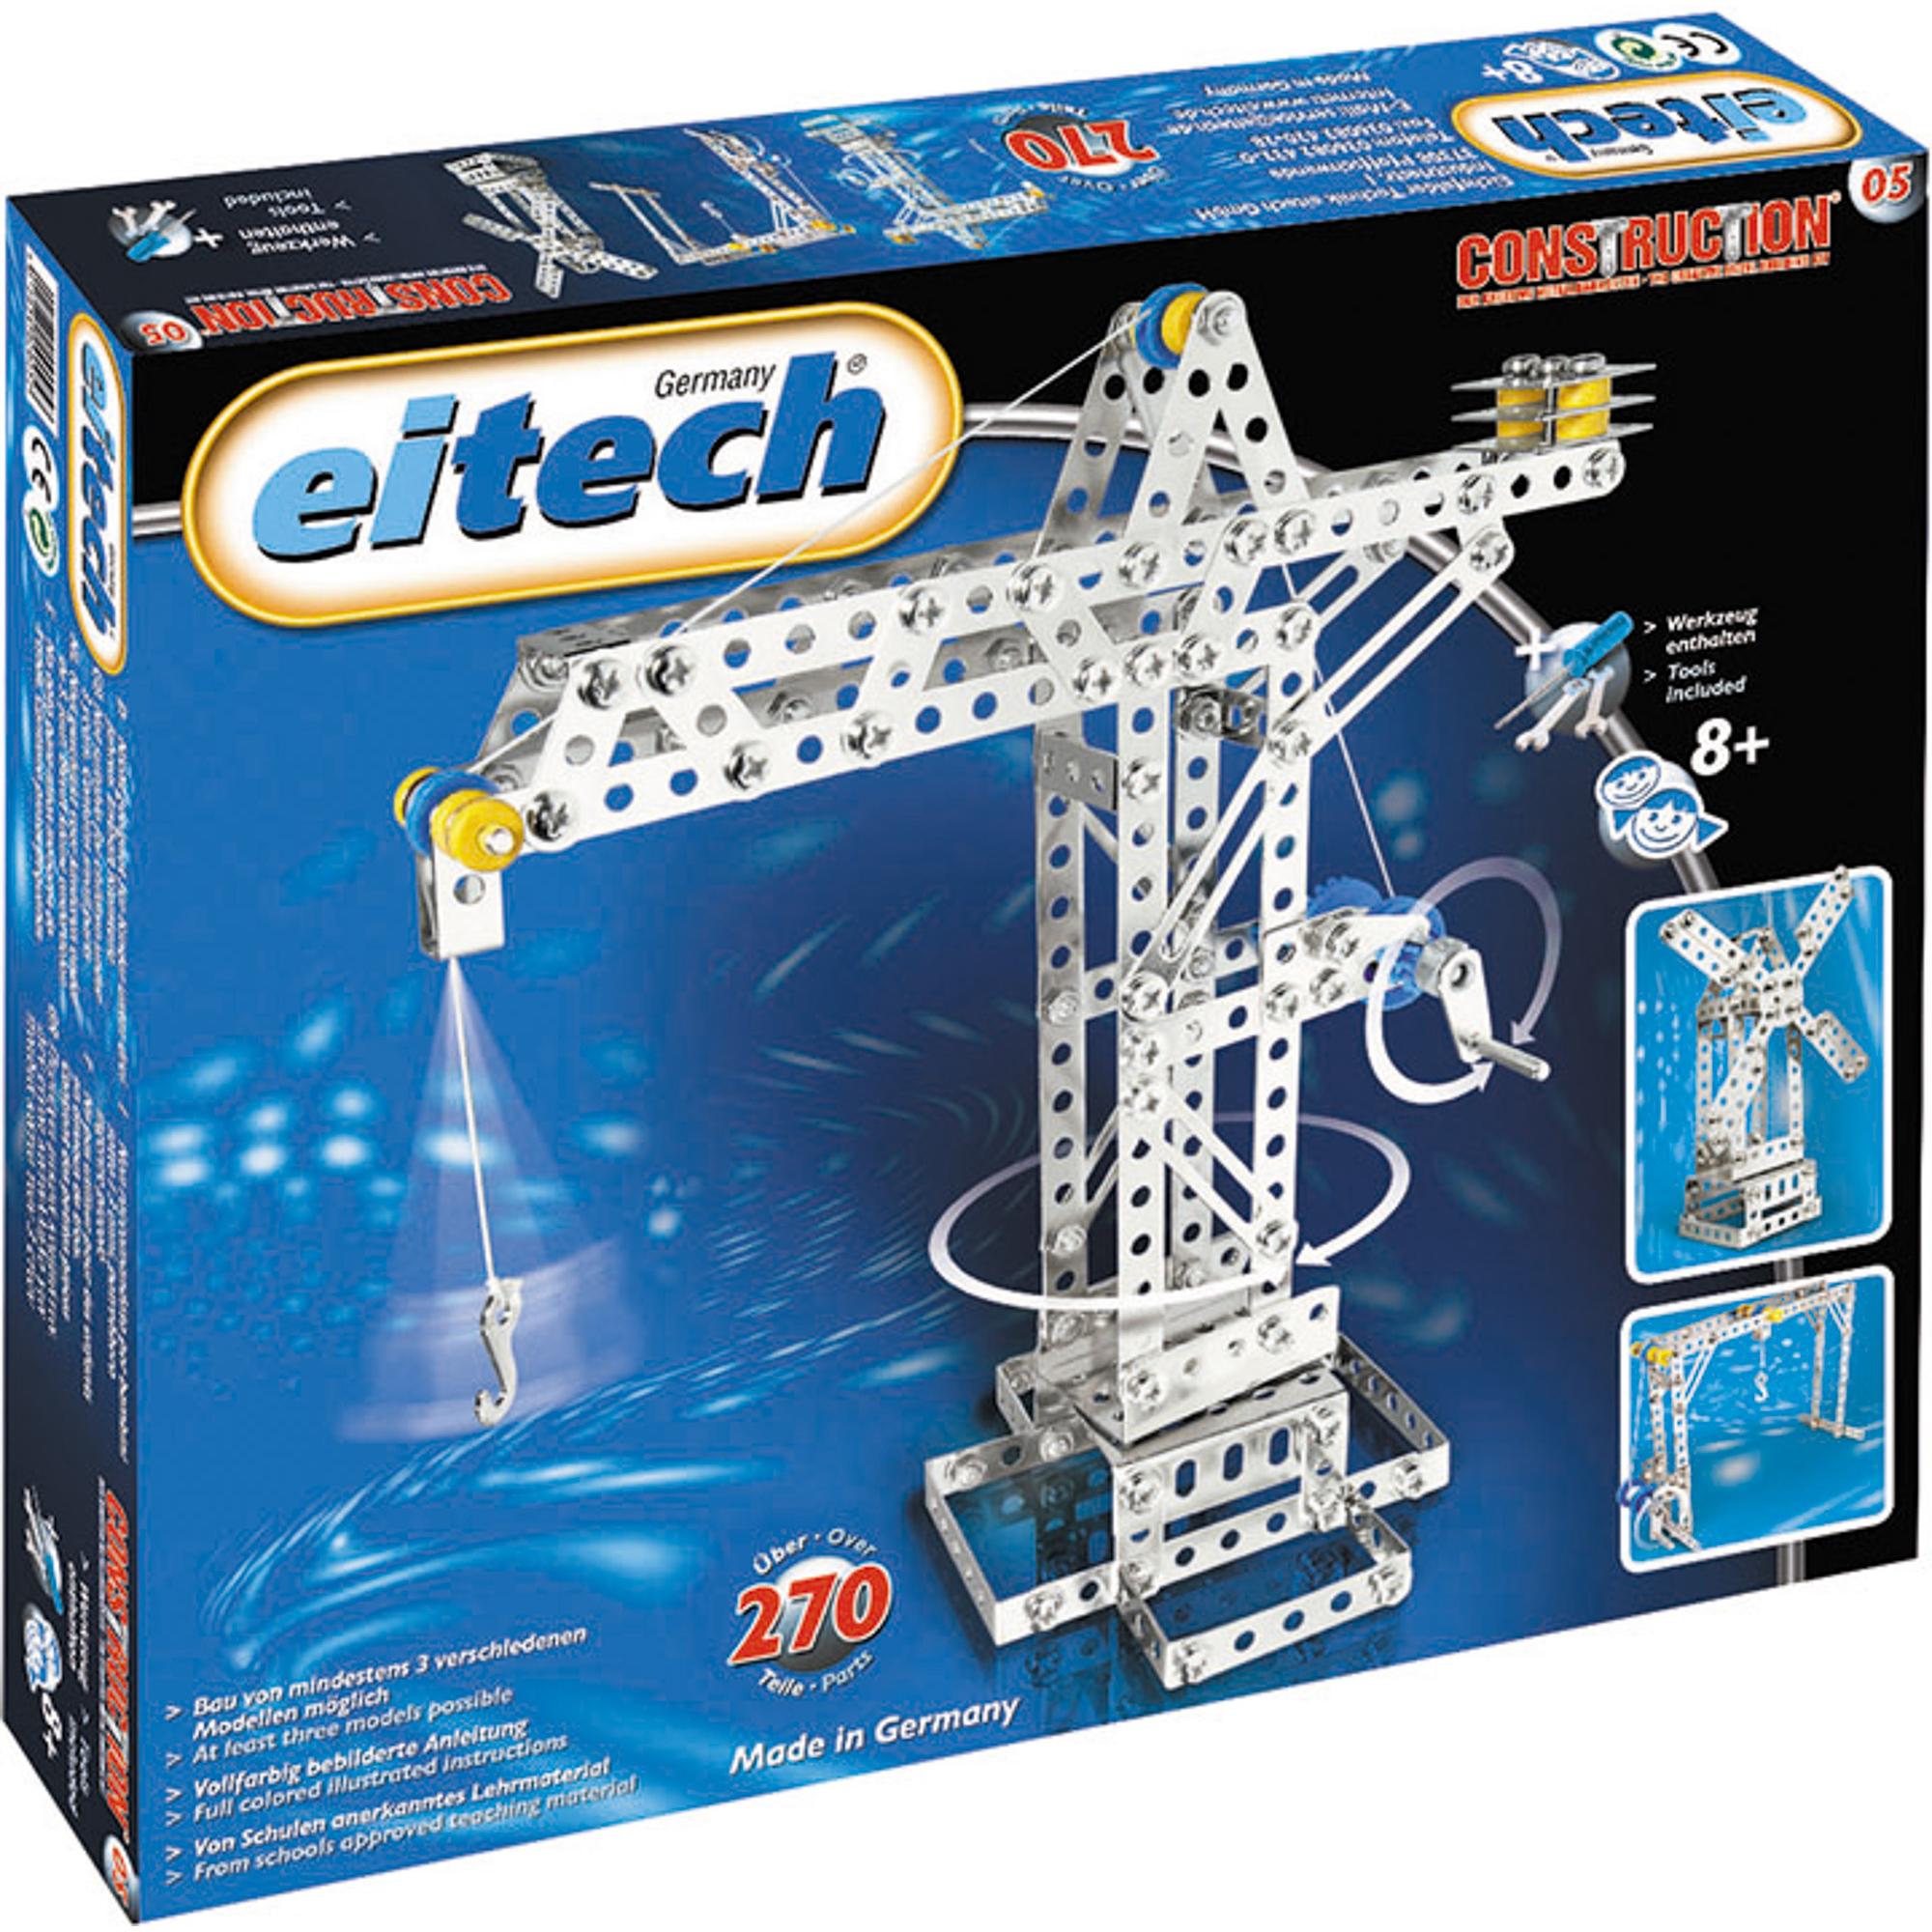 Купить Конструктор Eitech Кран 05, Германия, металл, универсальный, Конструкторы, пазлы